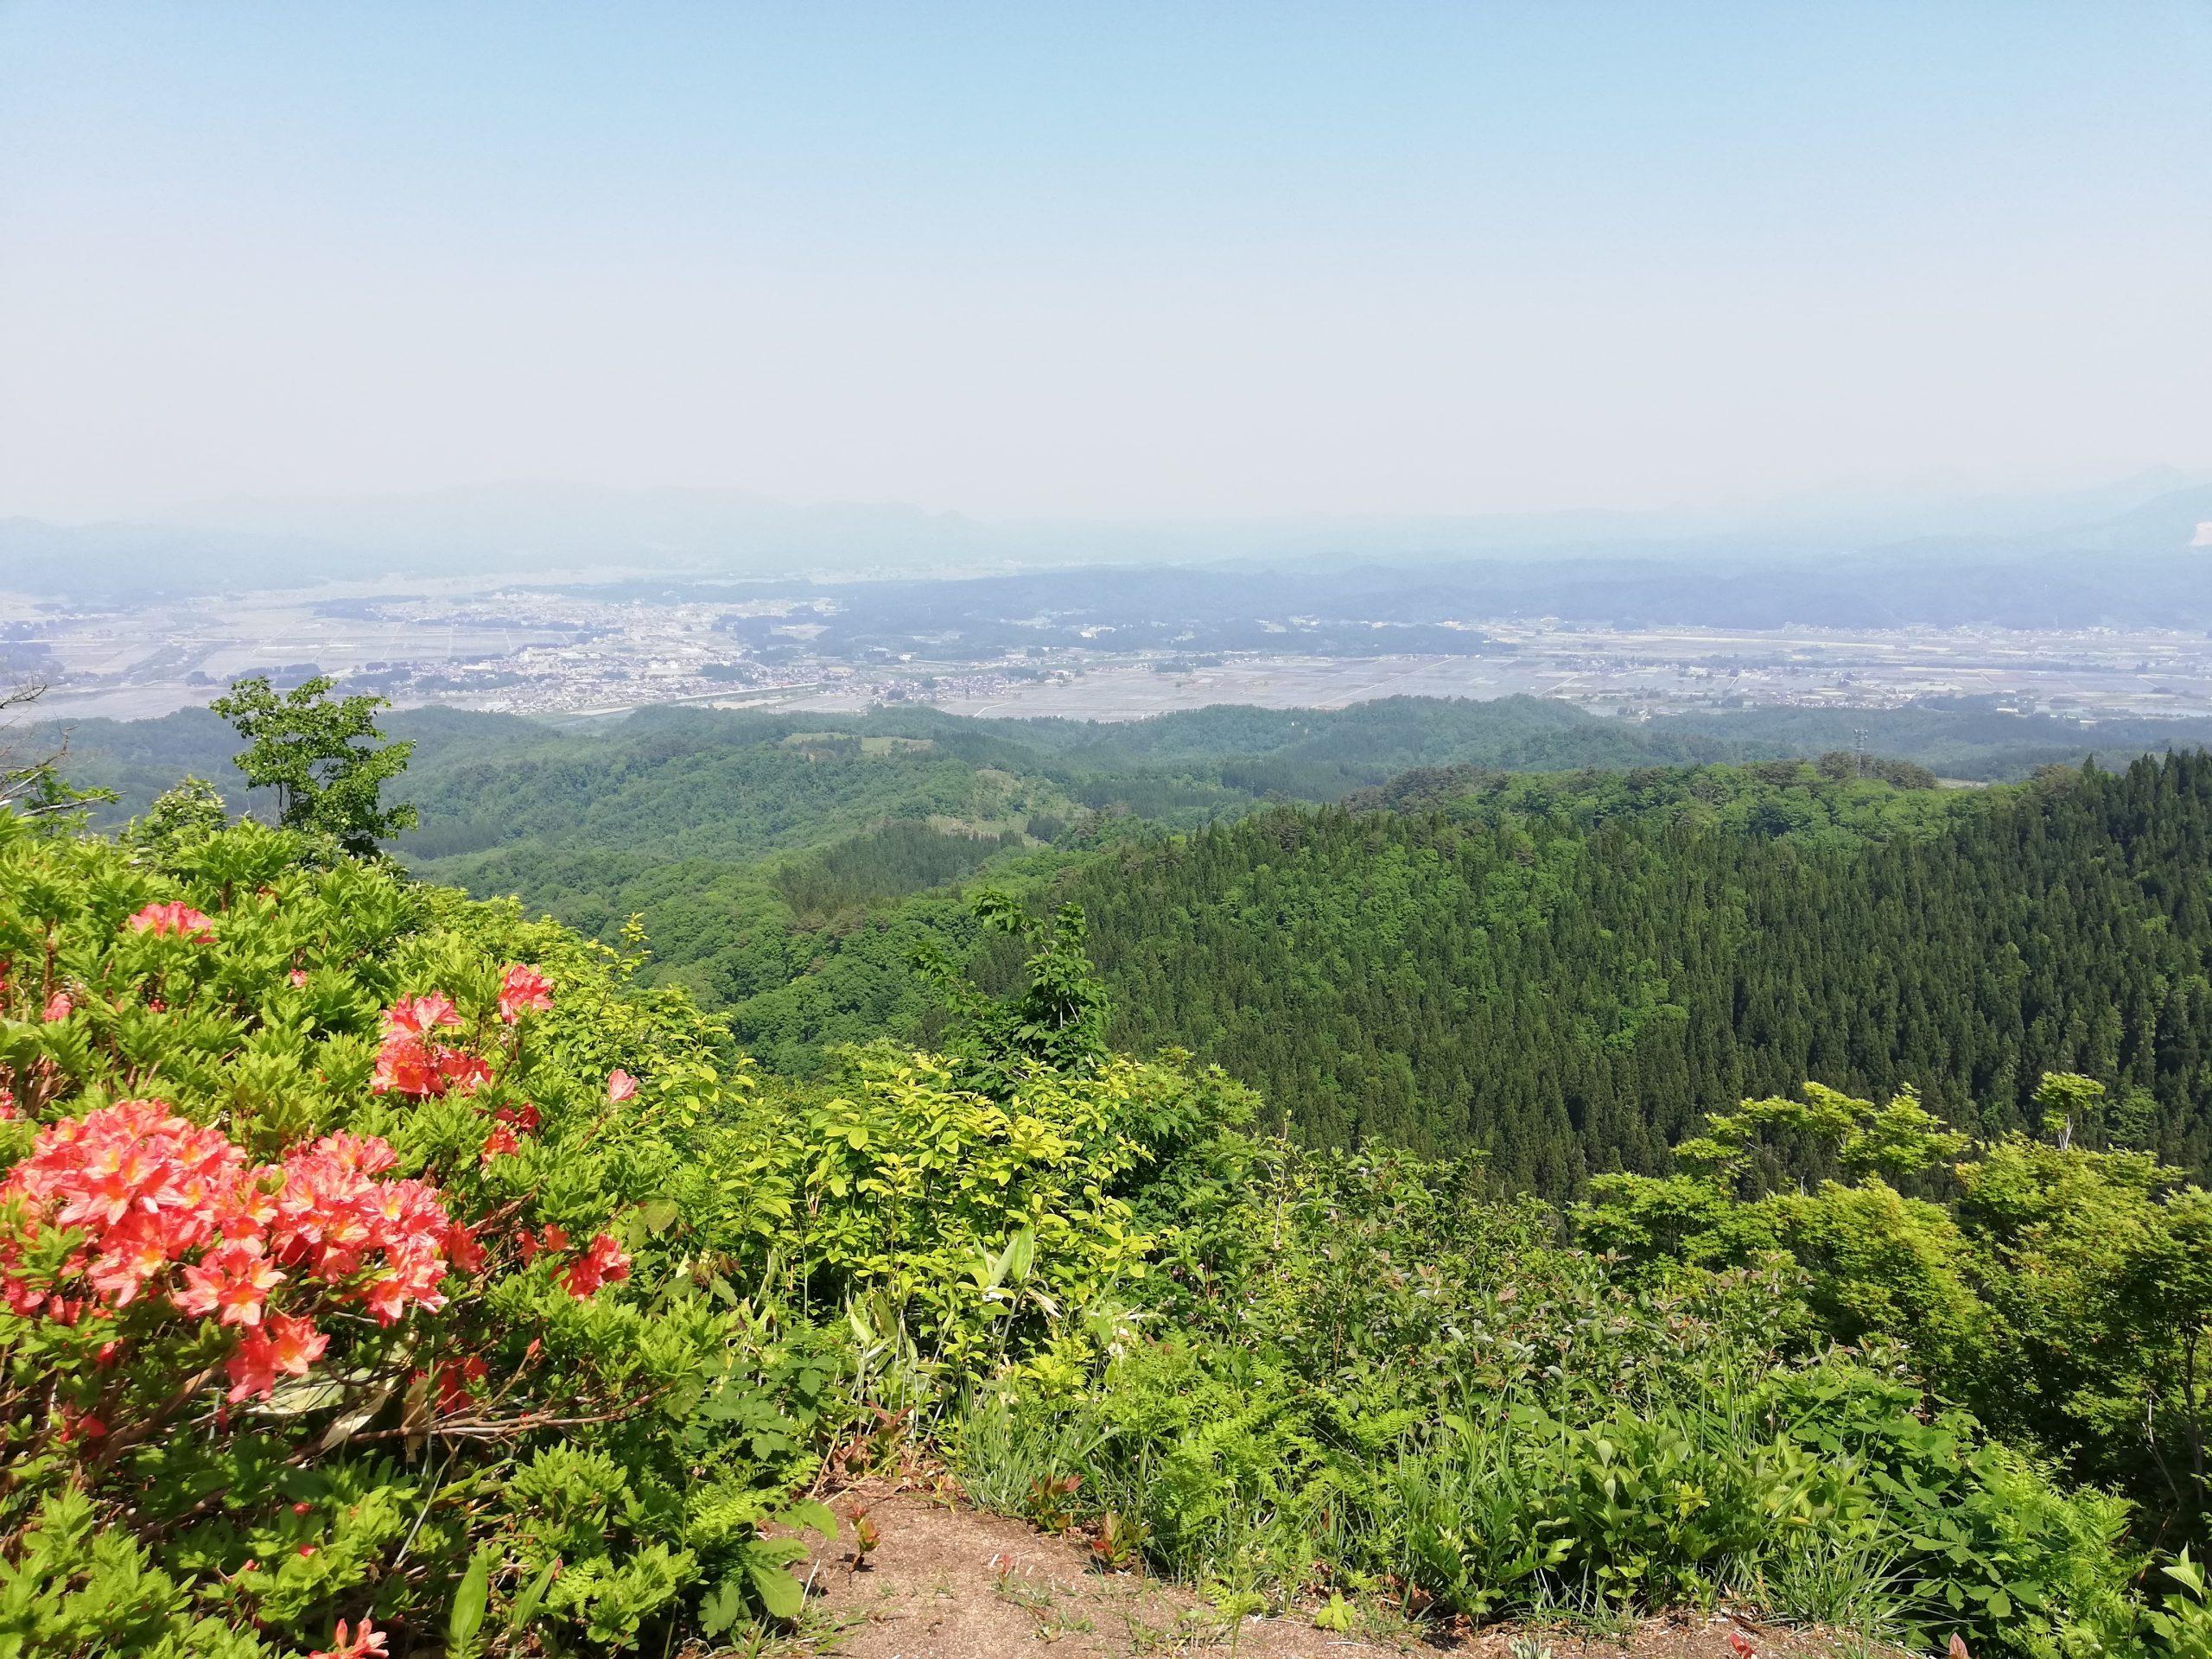 【大高根山】サクッと大高根山!整備の行き届いた素晴らしい登山道に感謝感激!